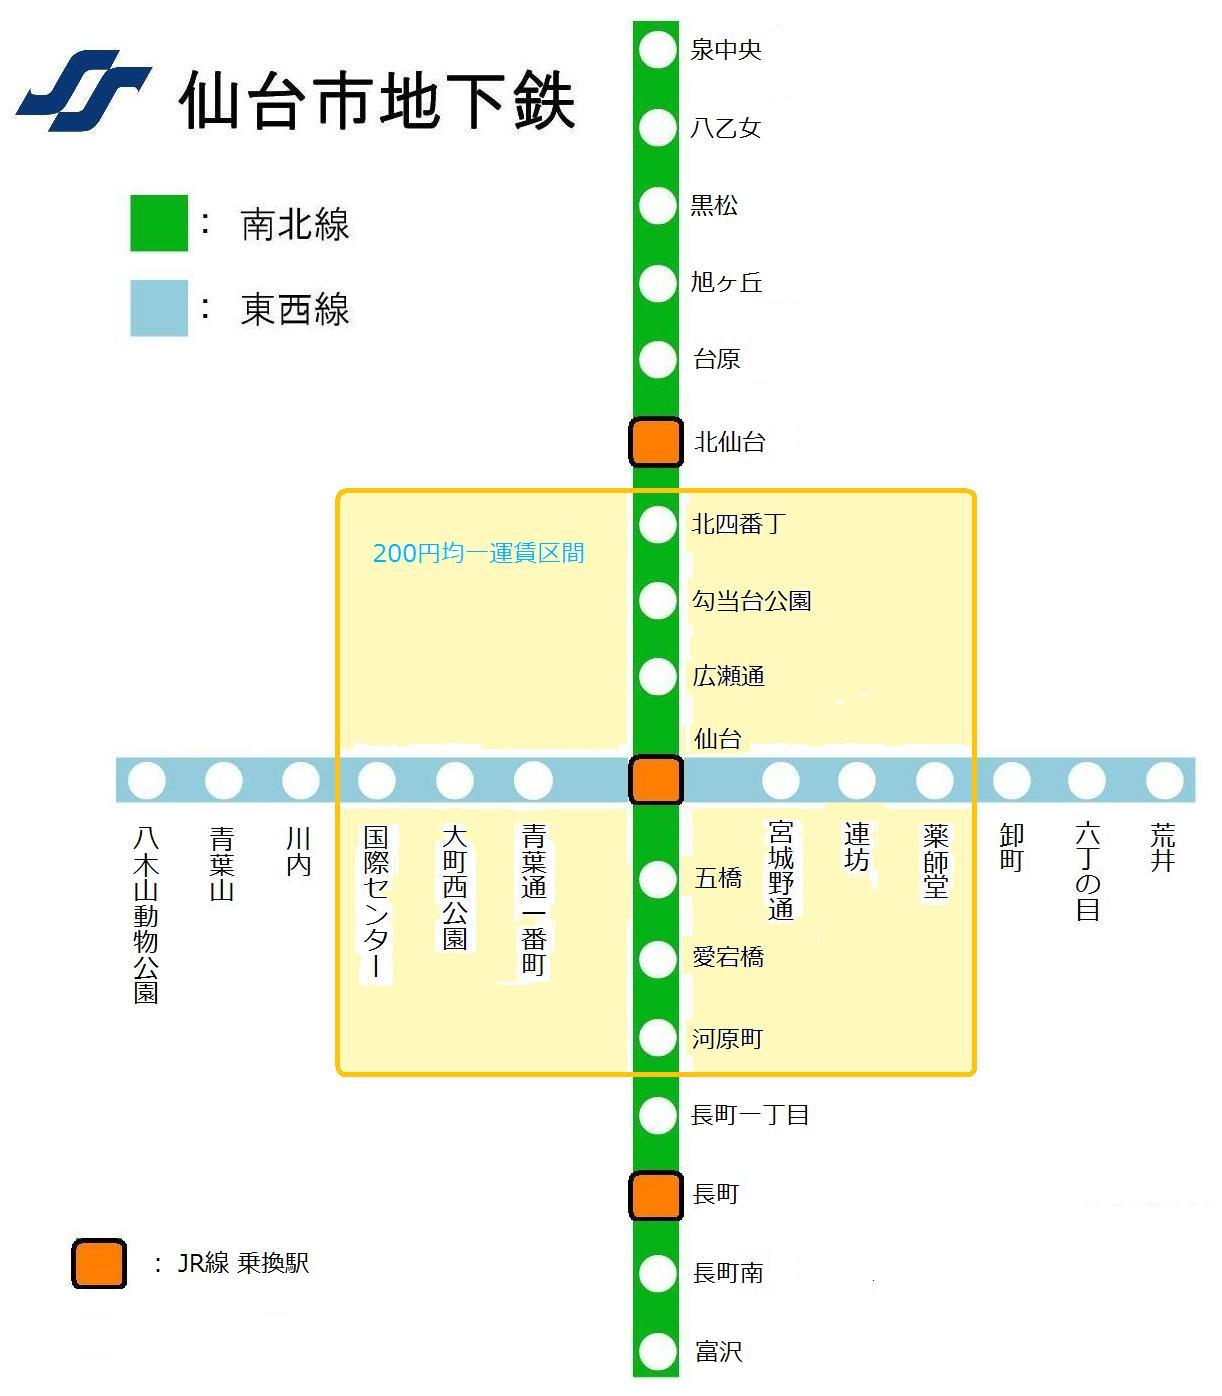 仙台 市 地下鉄 南北 線 時刻 表